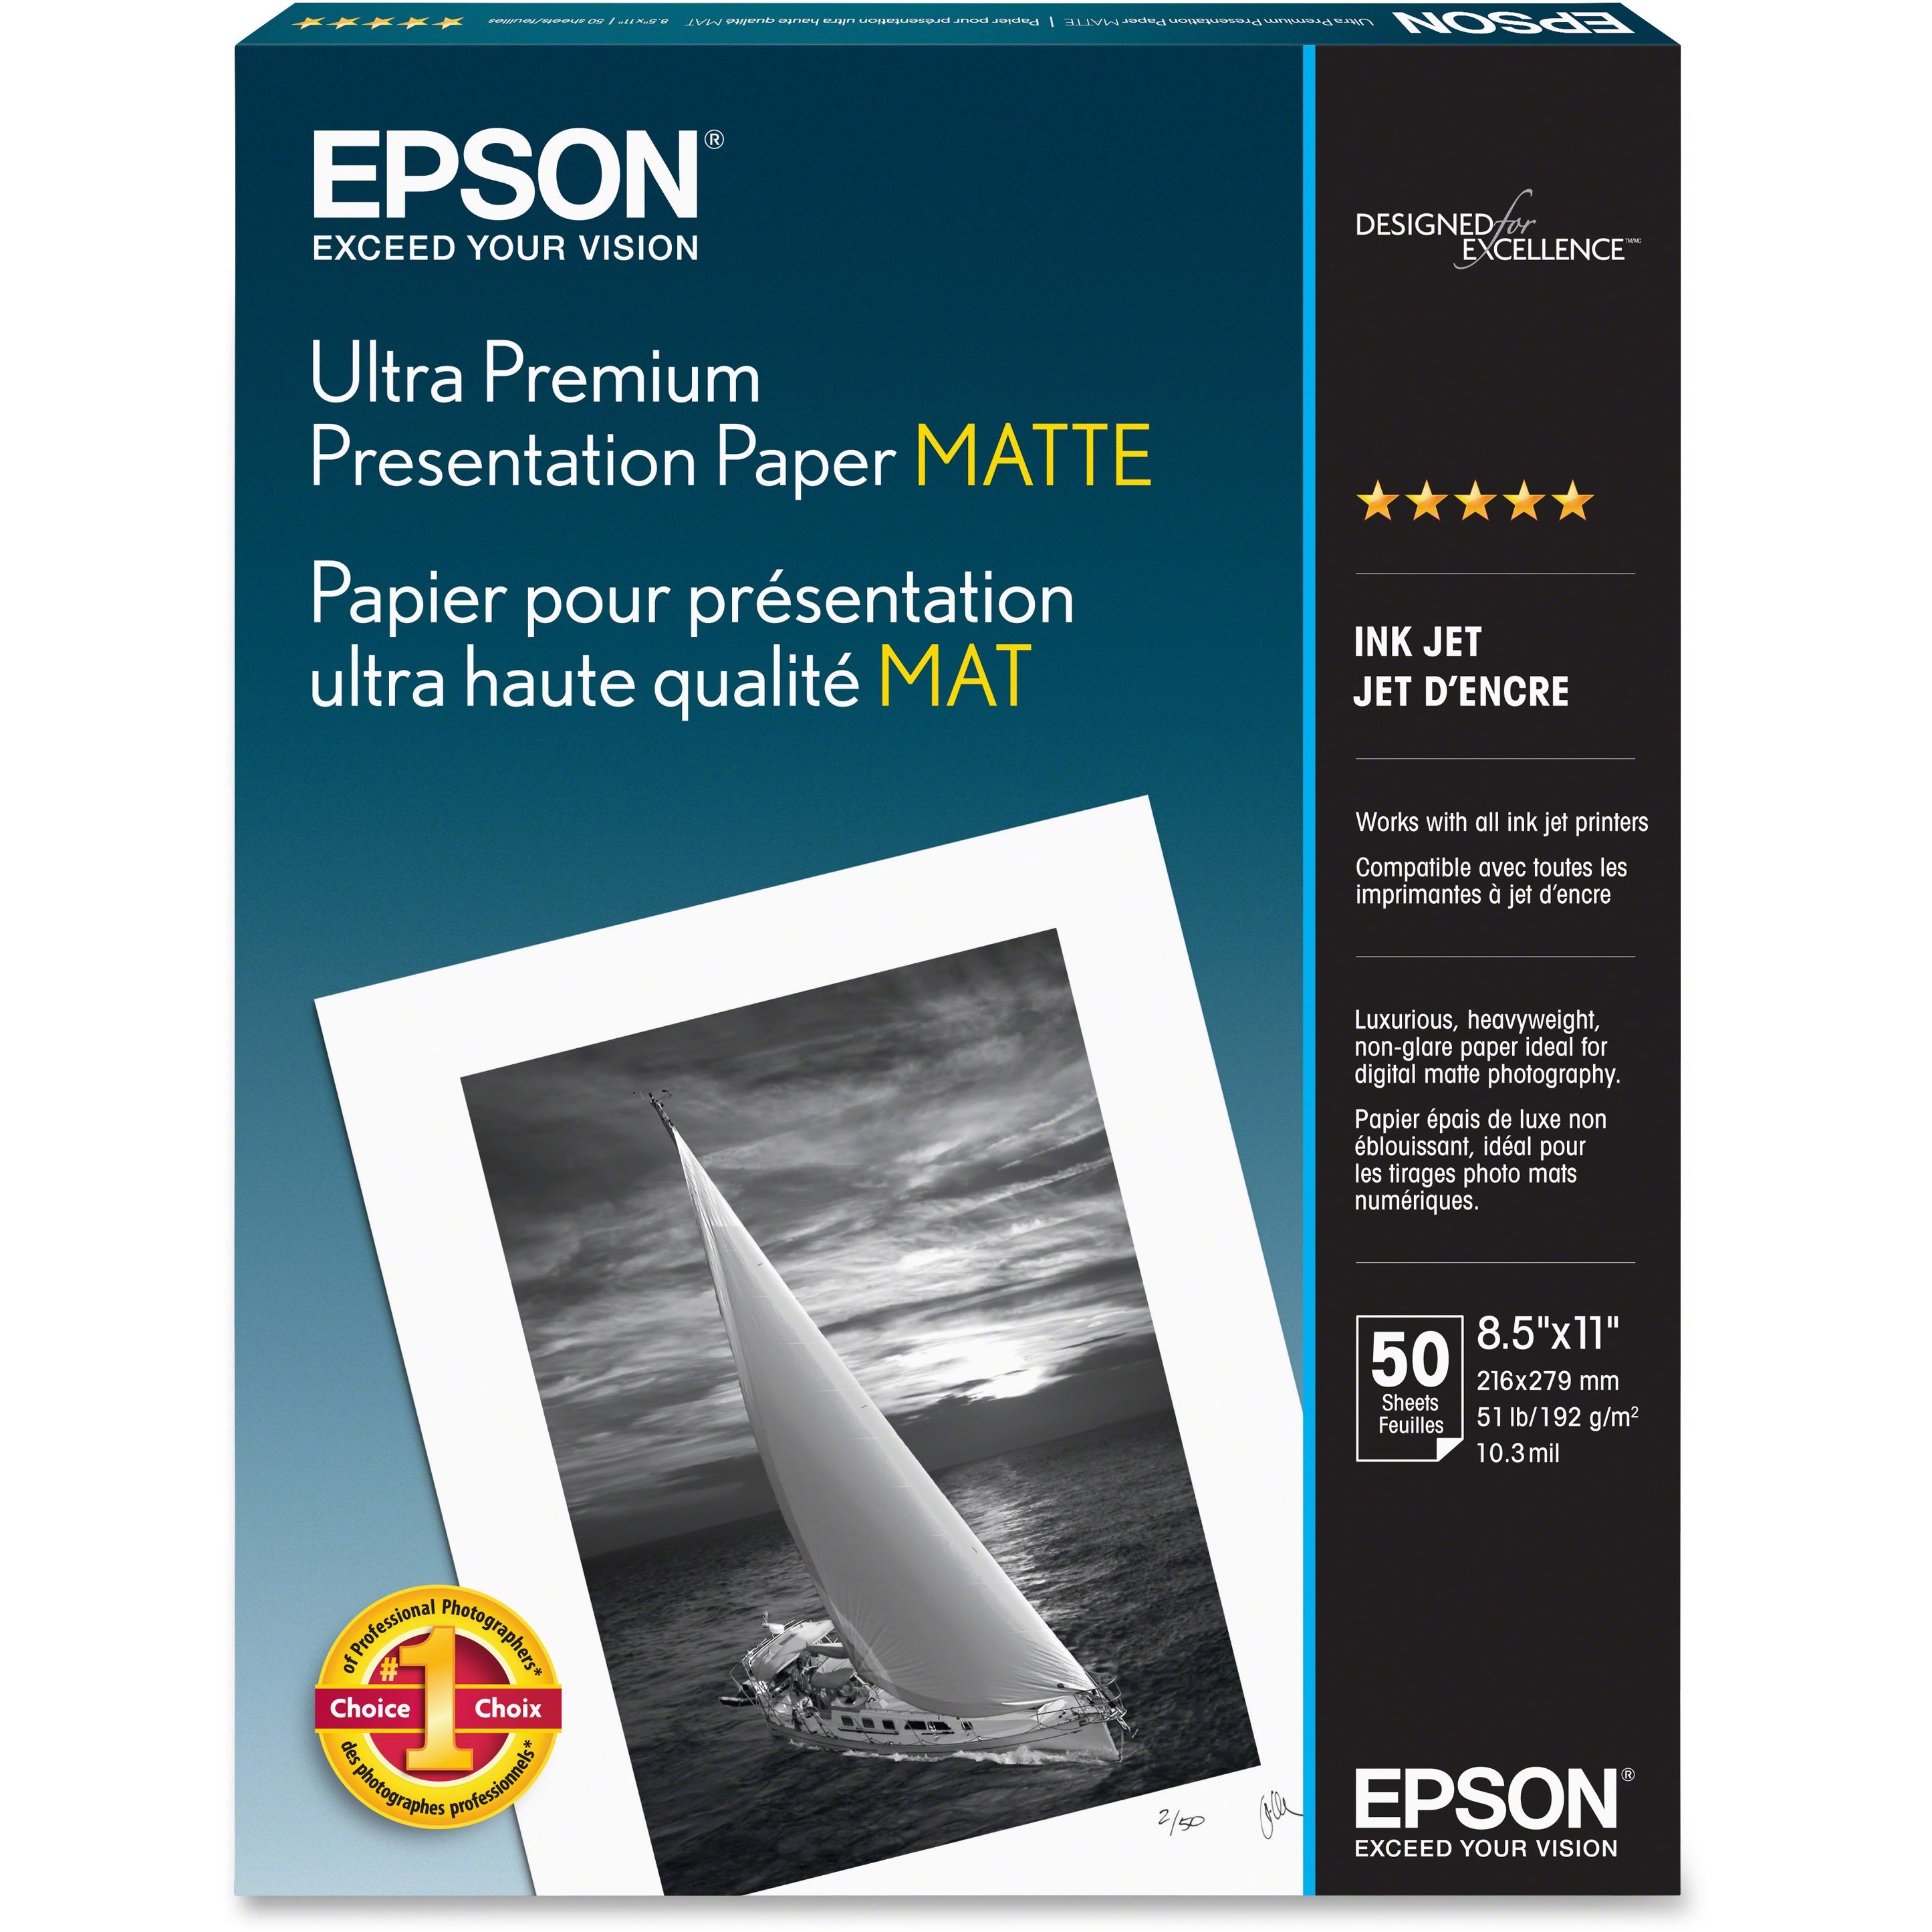 Epson, EPSS041341, Ultra Premium Matte Presentation Paper, 50 / Pack, White